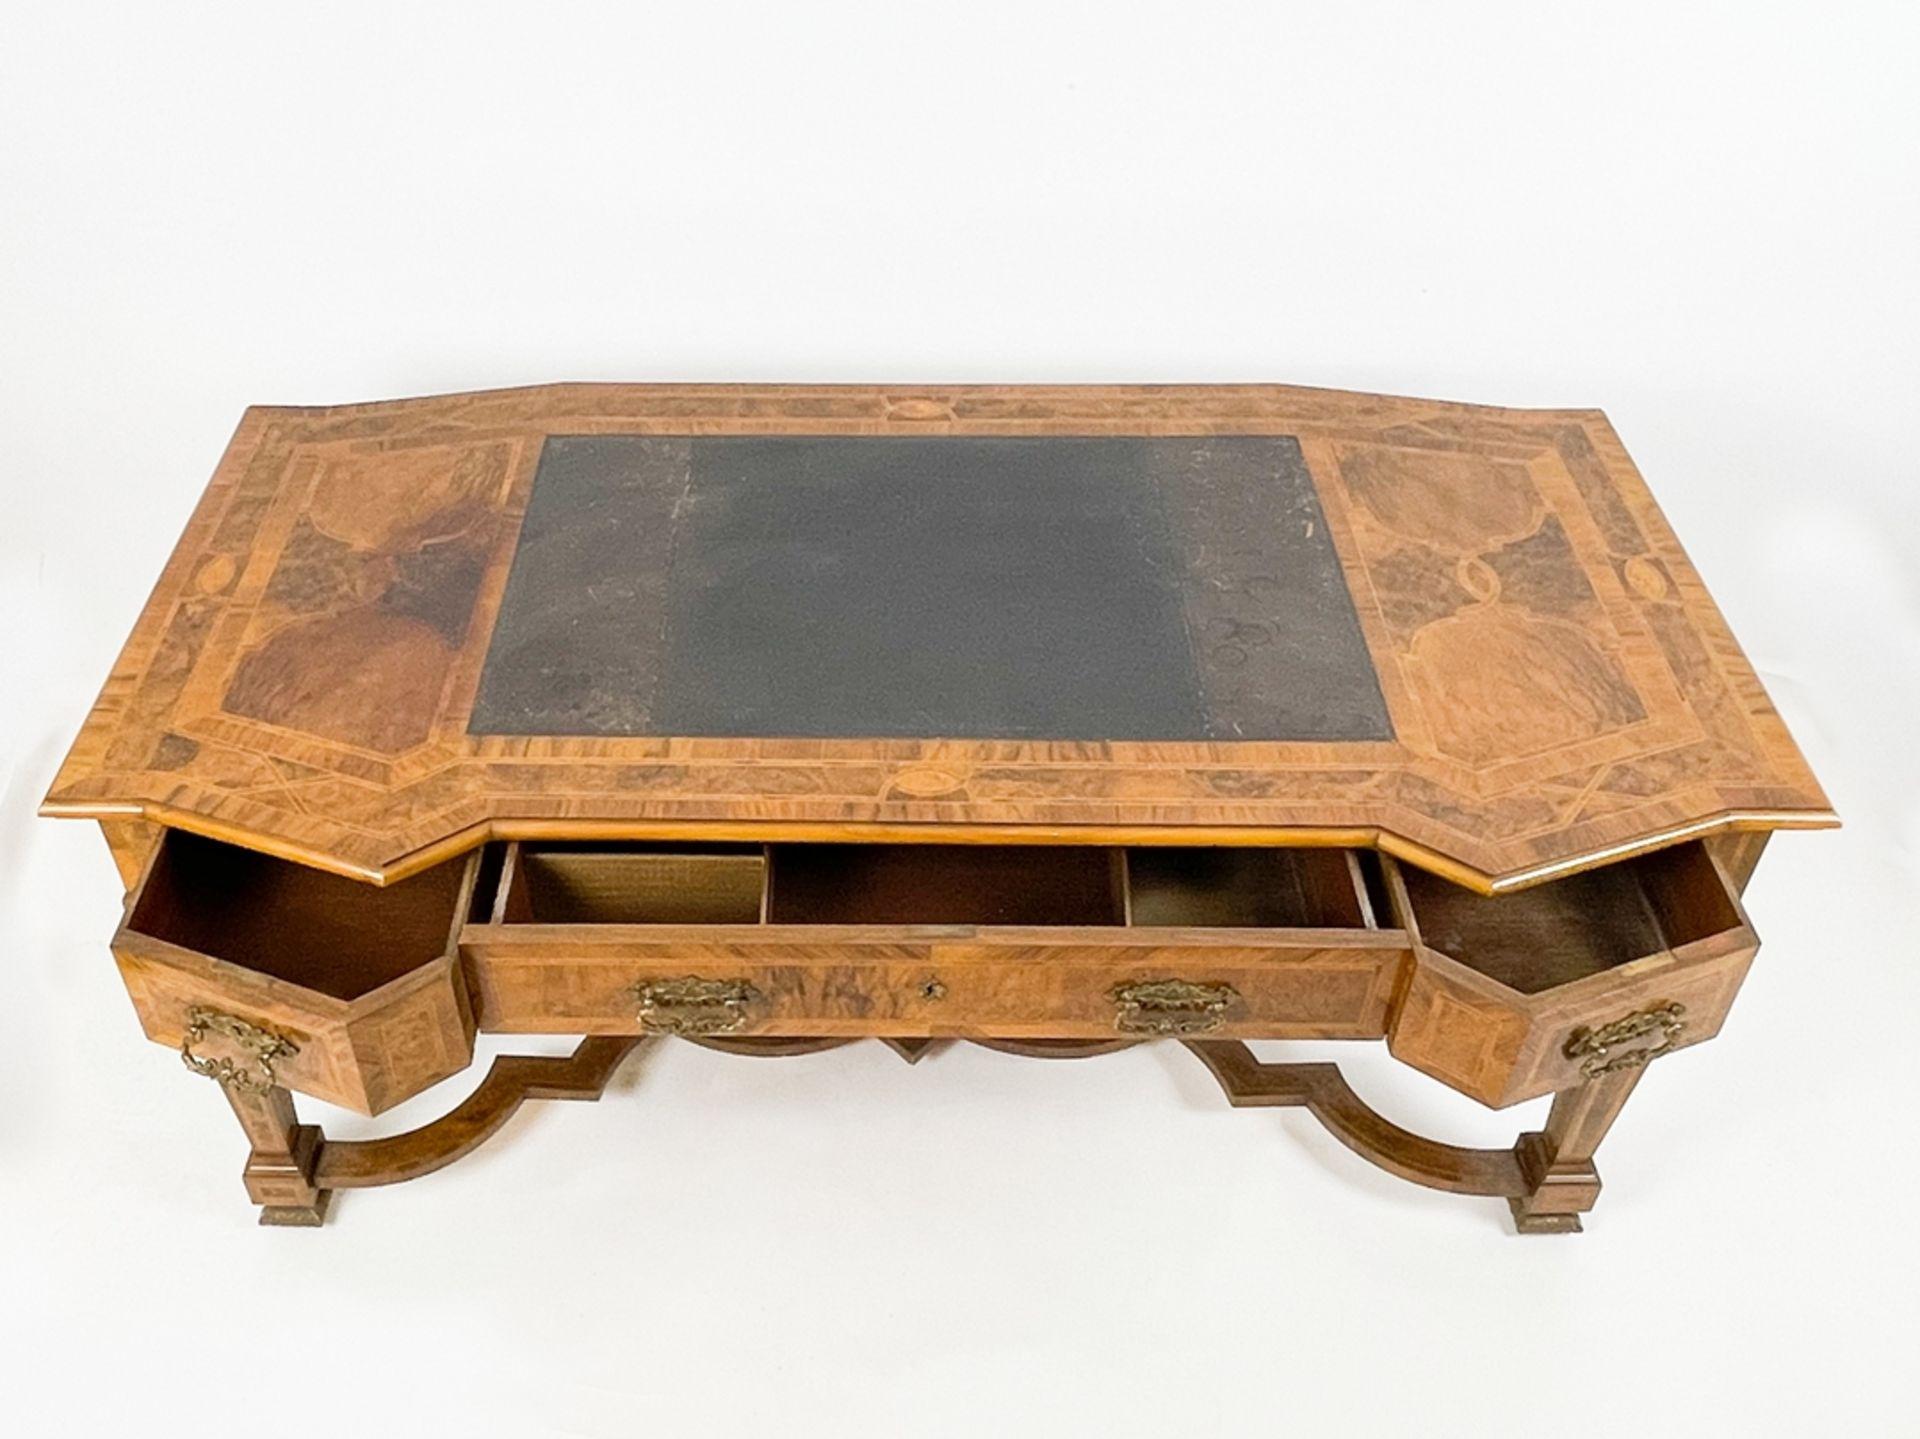 Prunkvoller intarsierter barocker Schreibtisch - Bild 2 aus 4